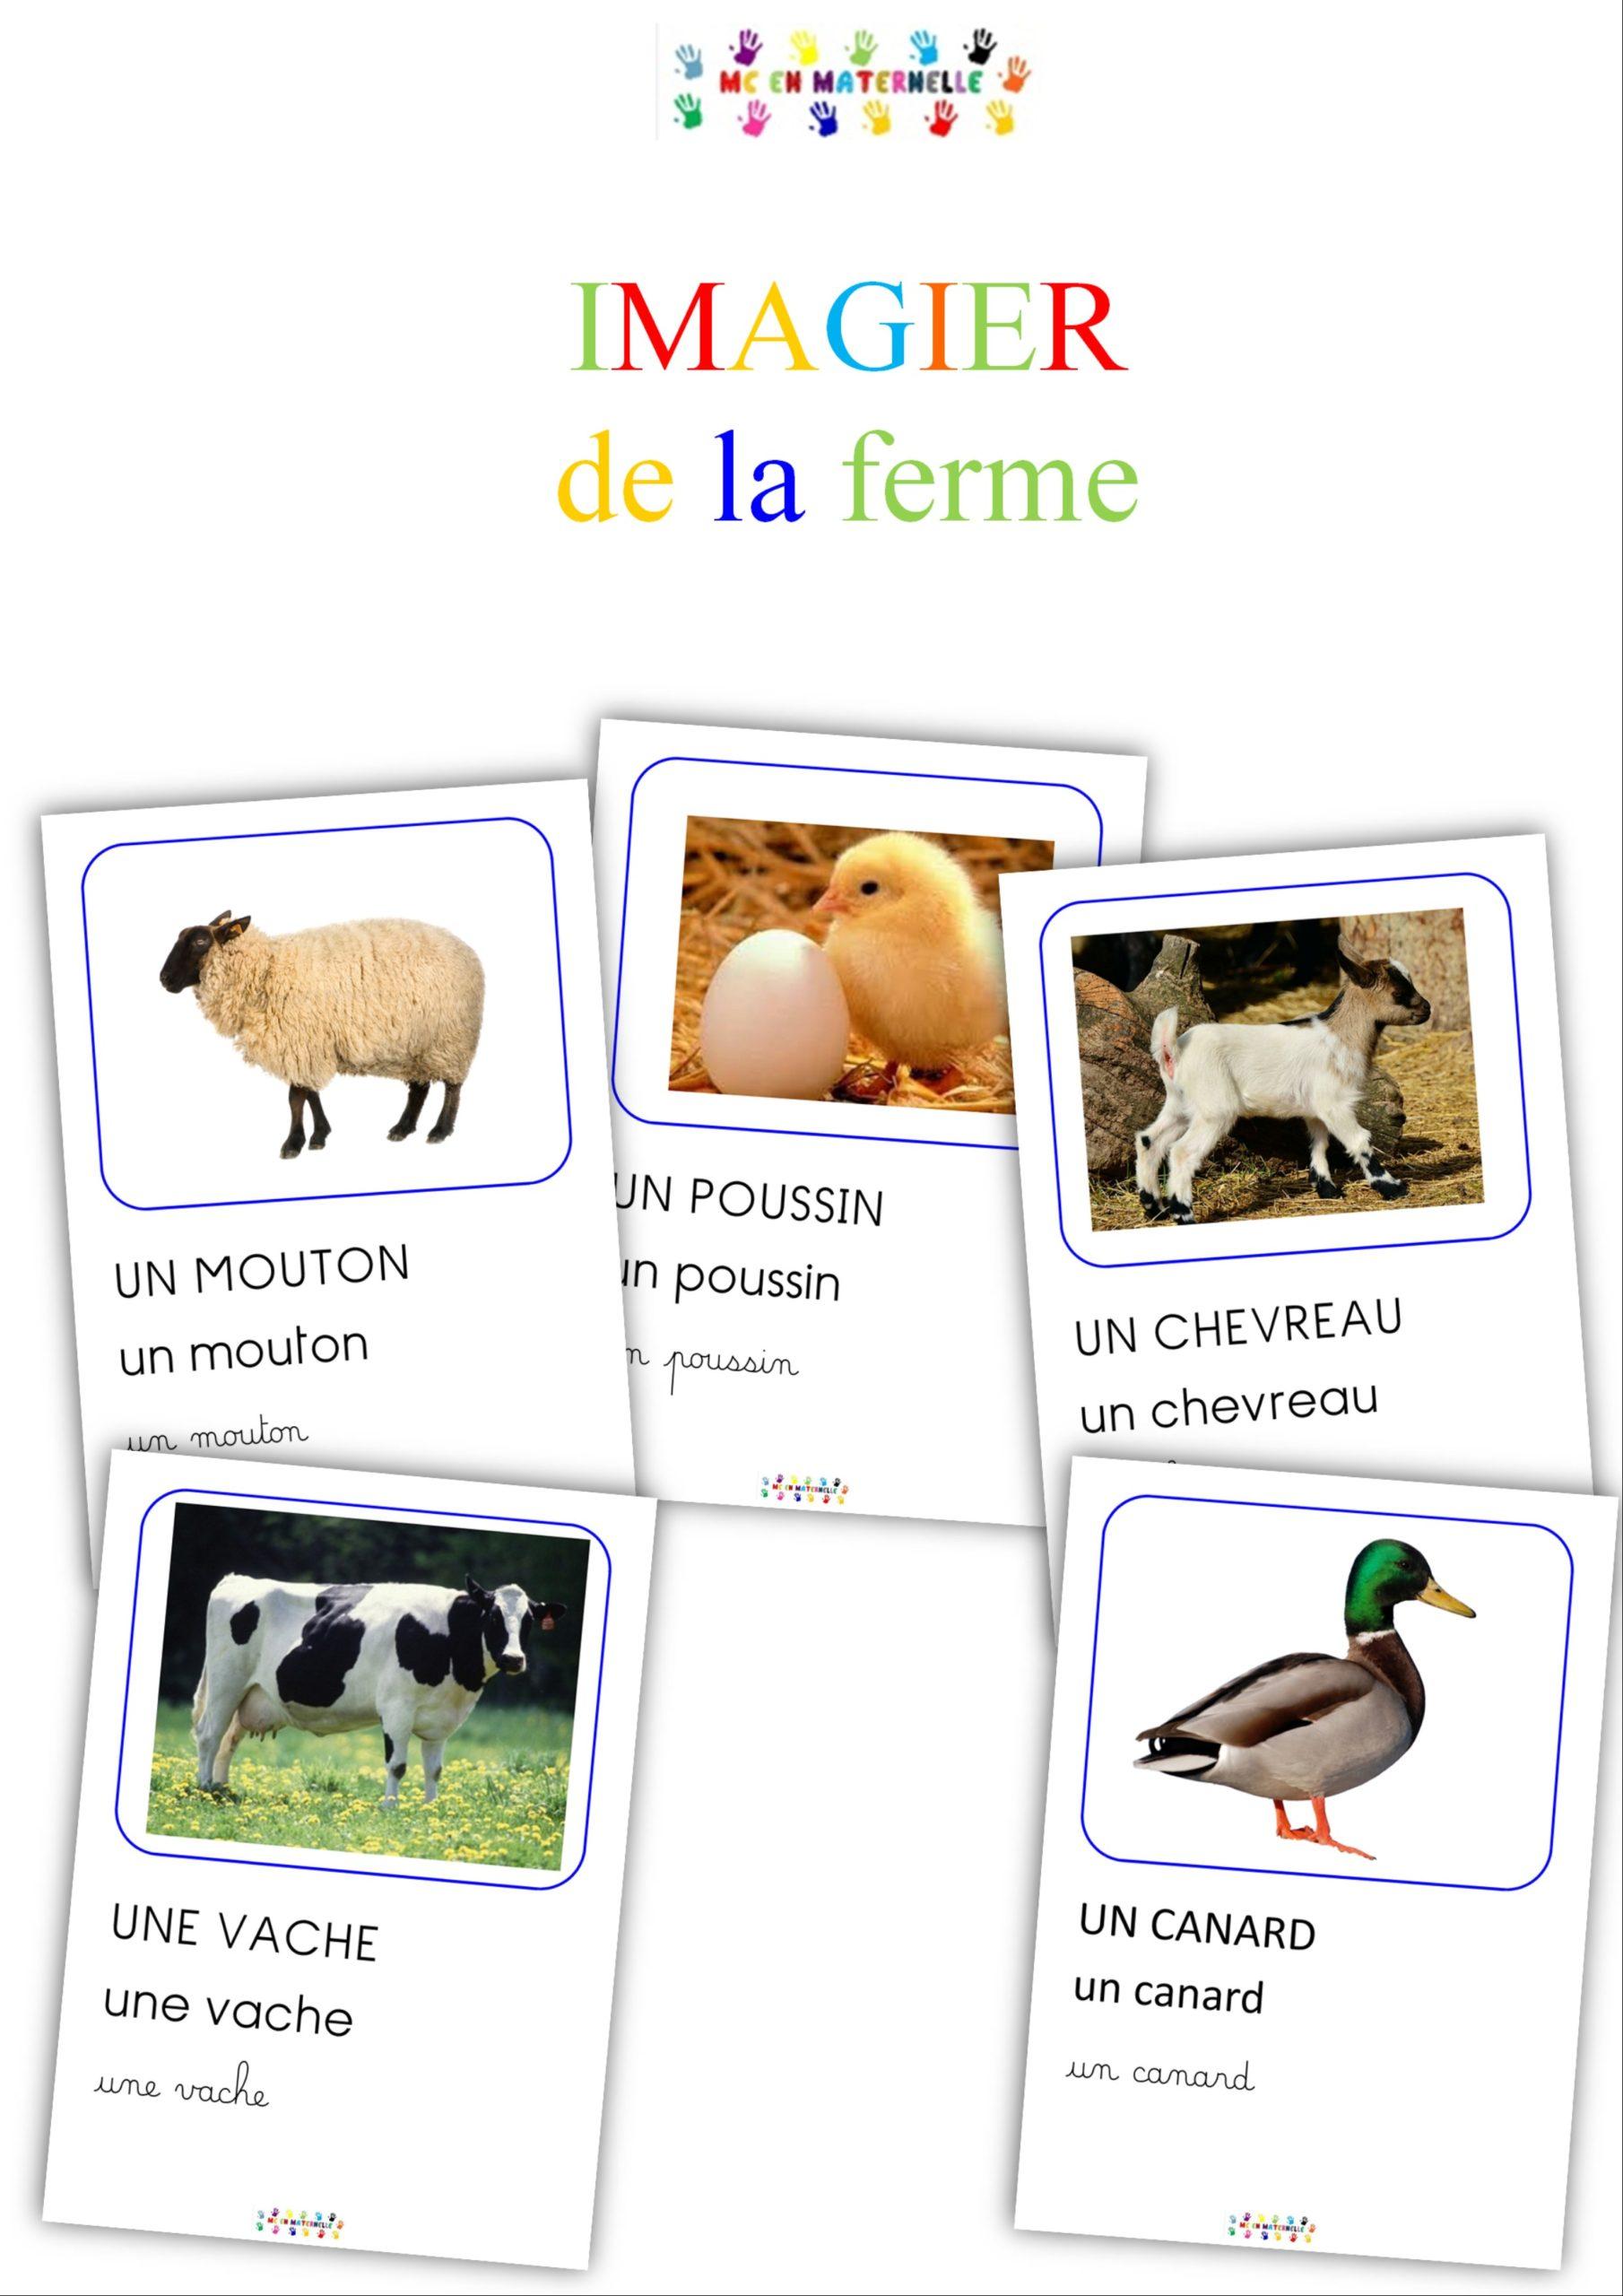 Imagier des animaux de la ferme - maternellepailletée